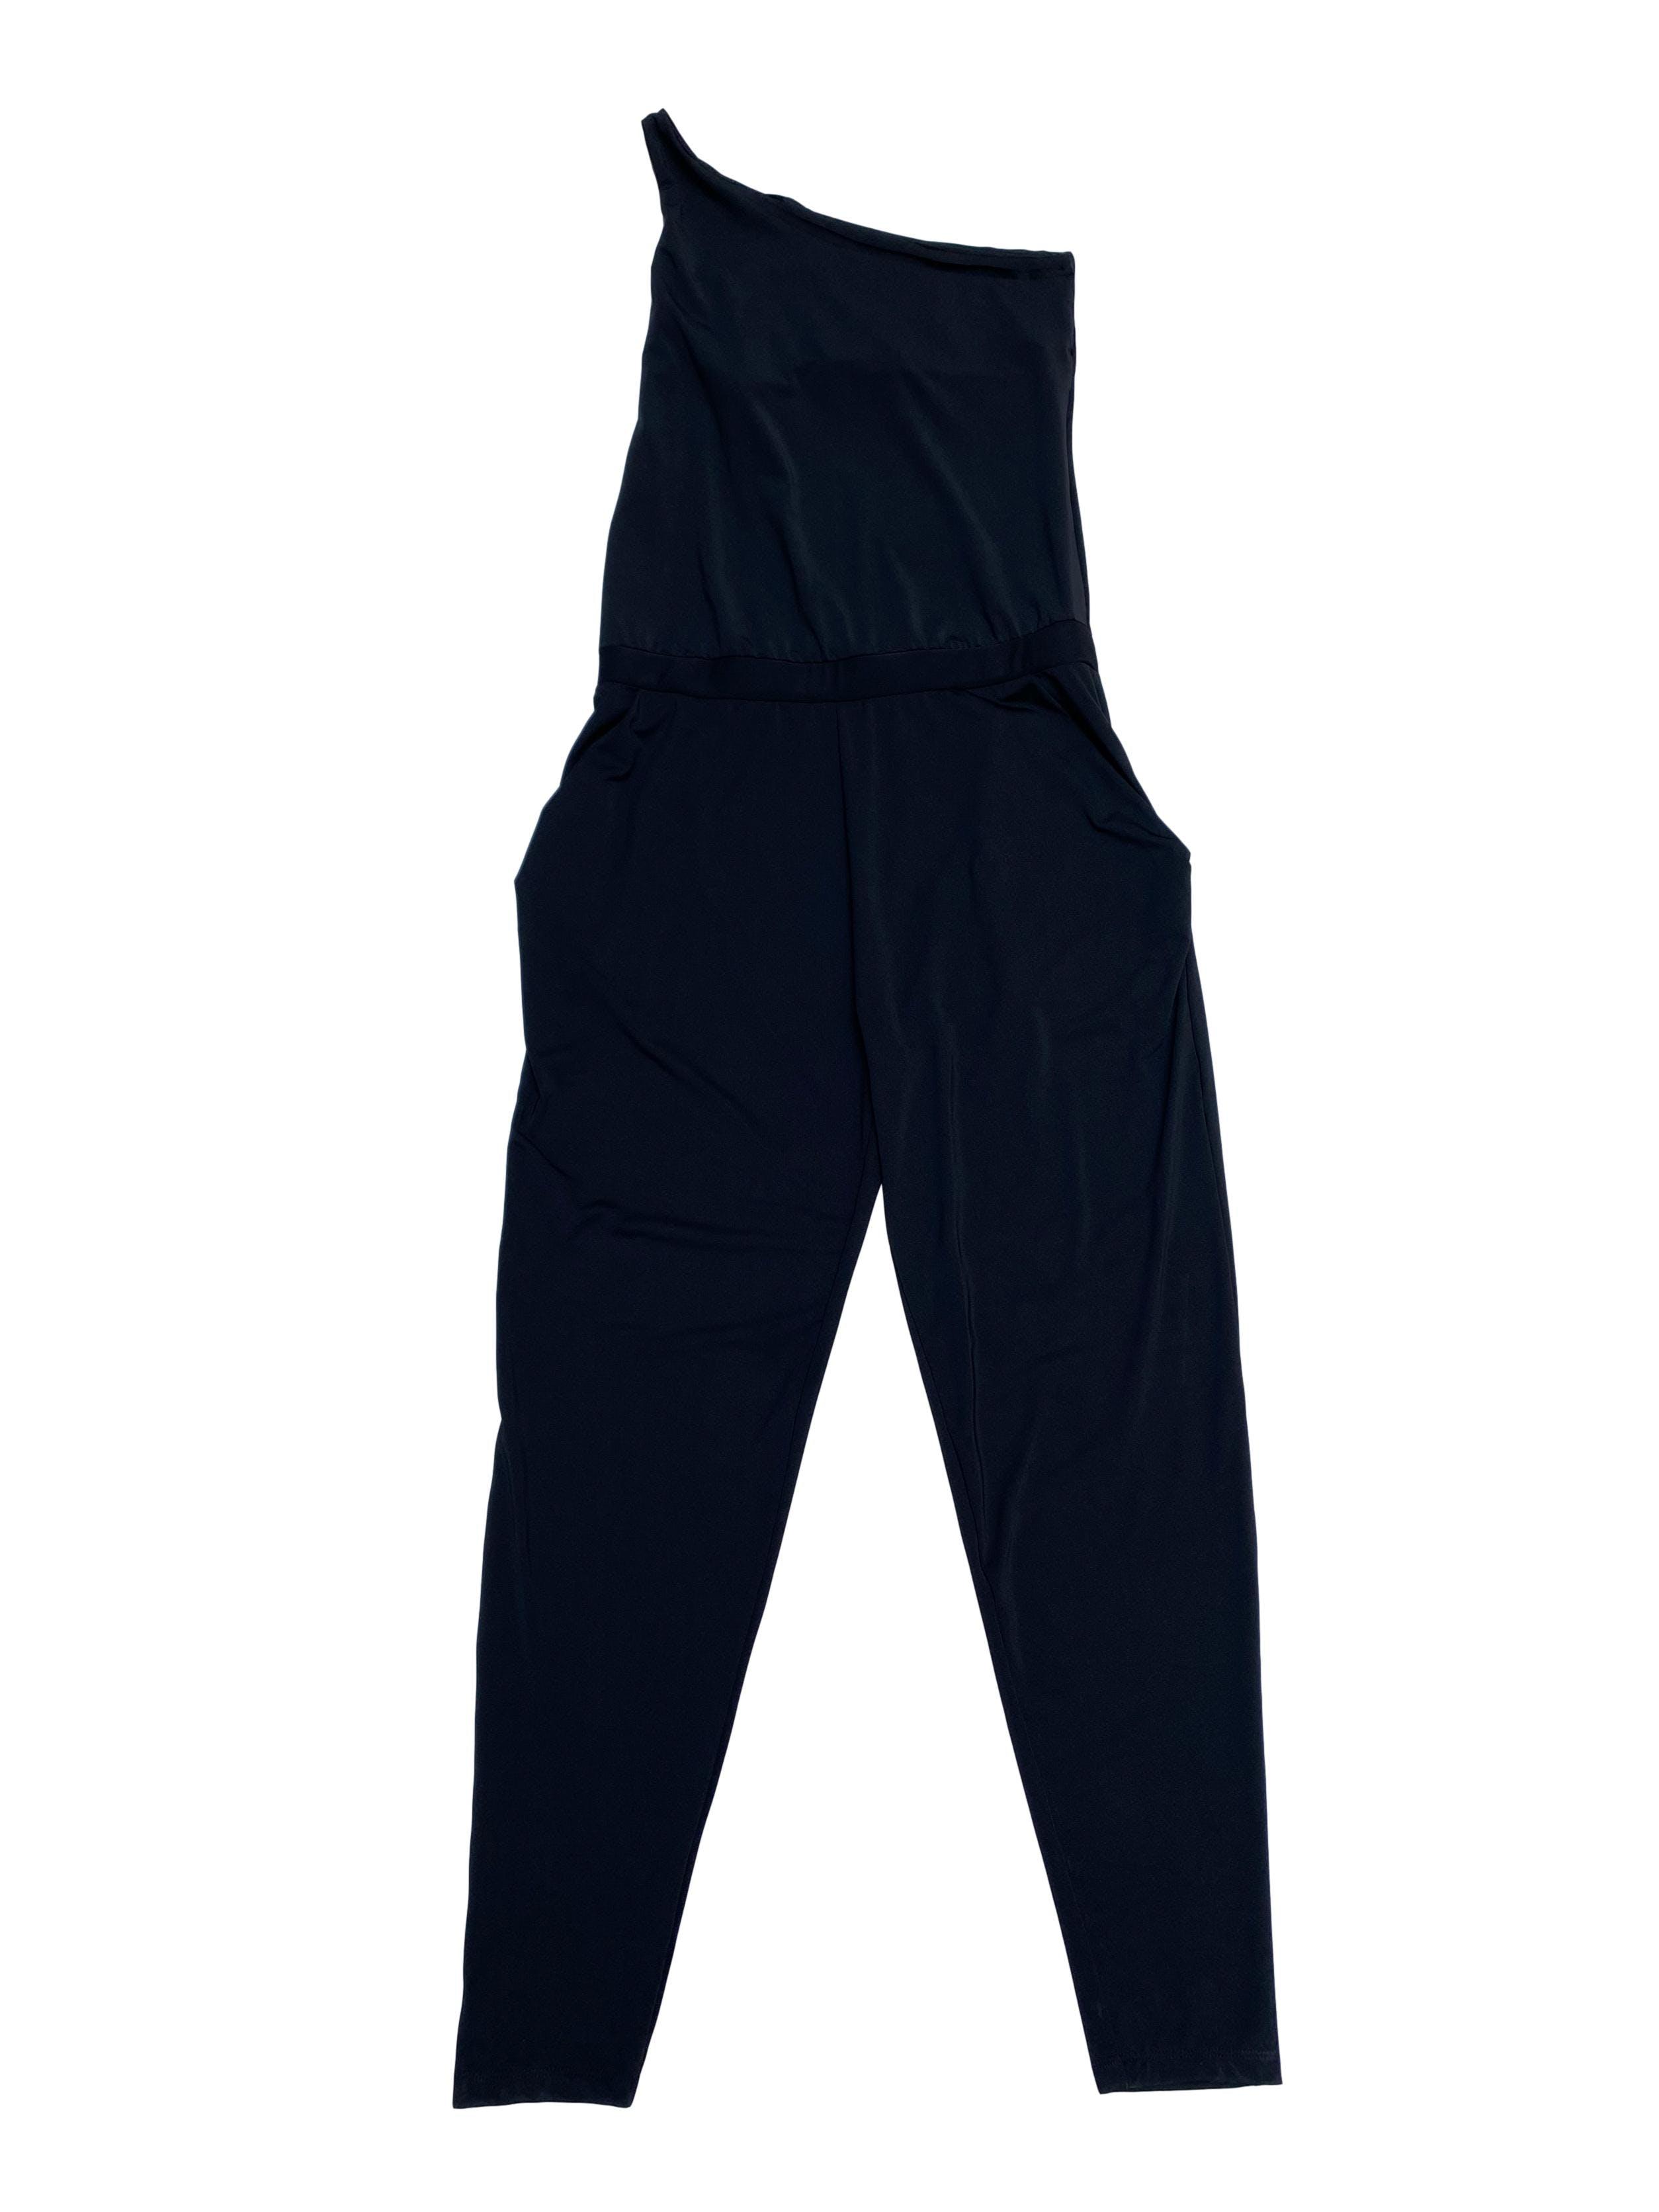 Enterizo pantalón one shoulder, de tela stretch, con elástico en la cintura y bolsillos laterales